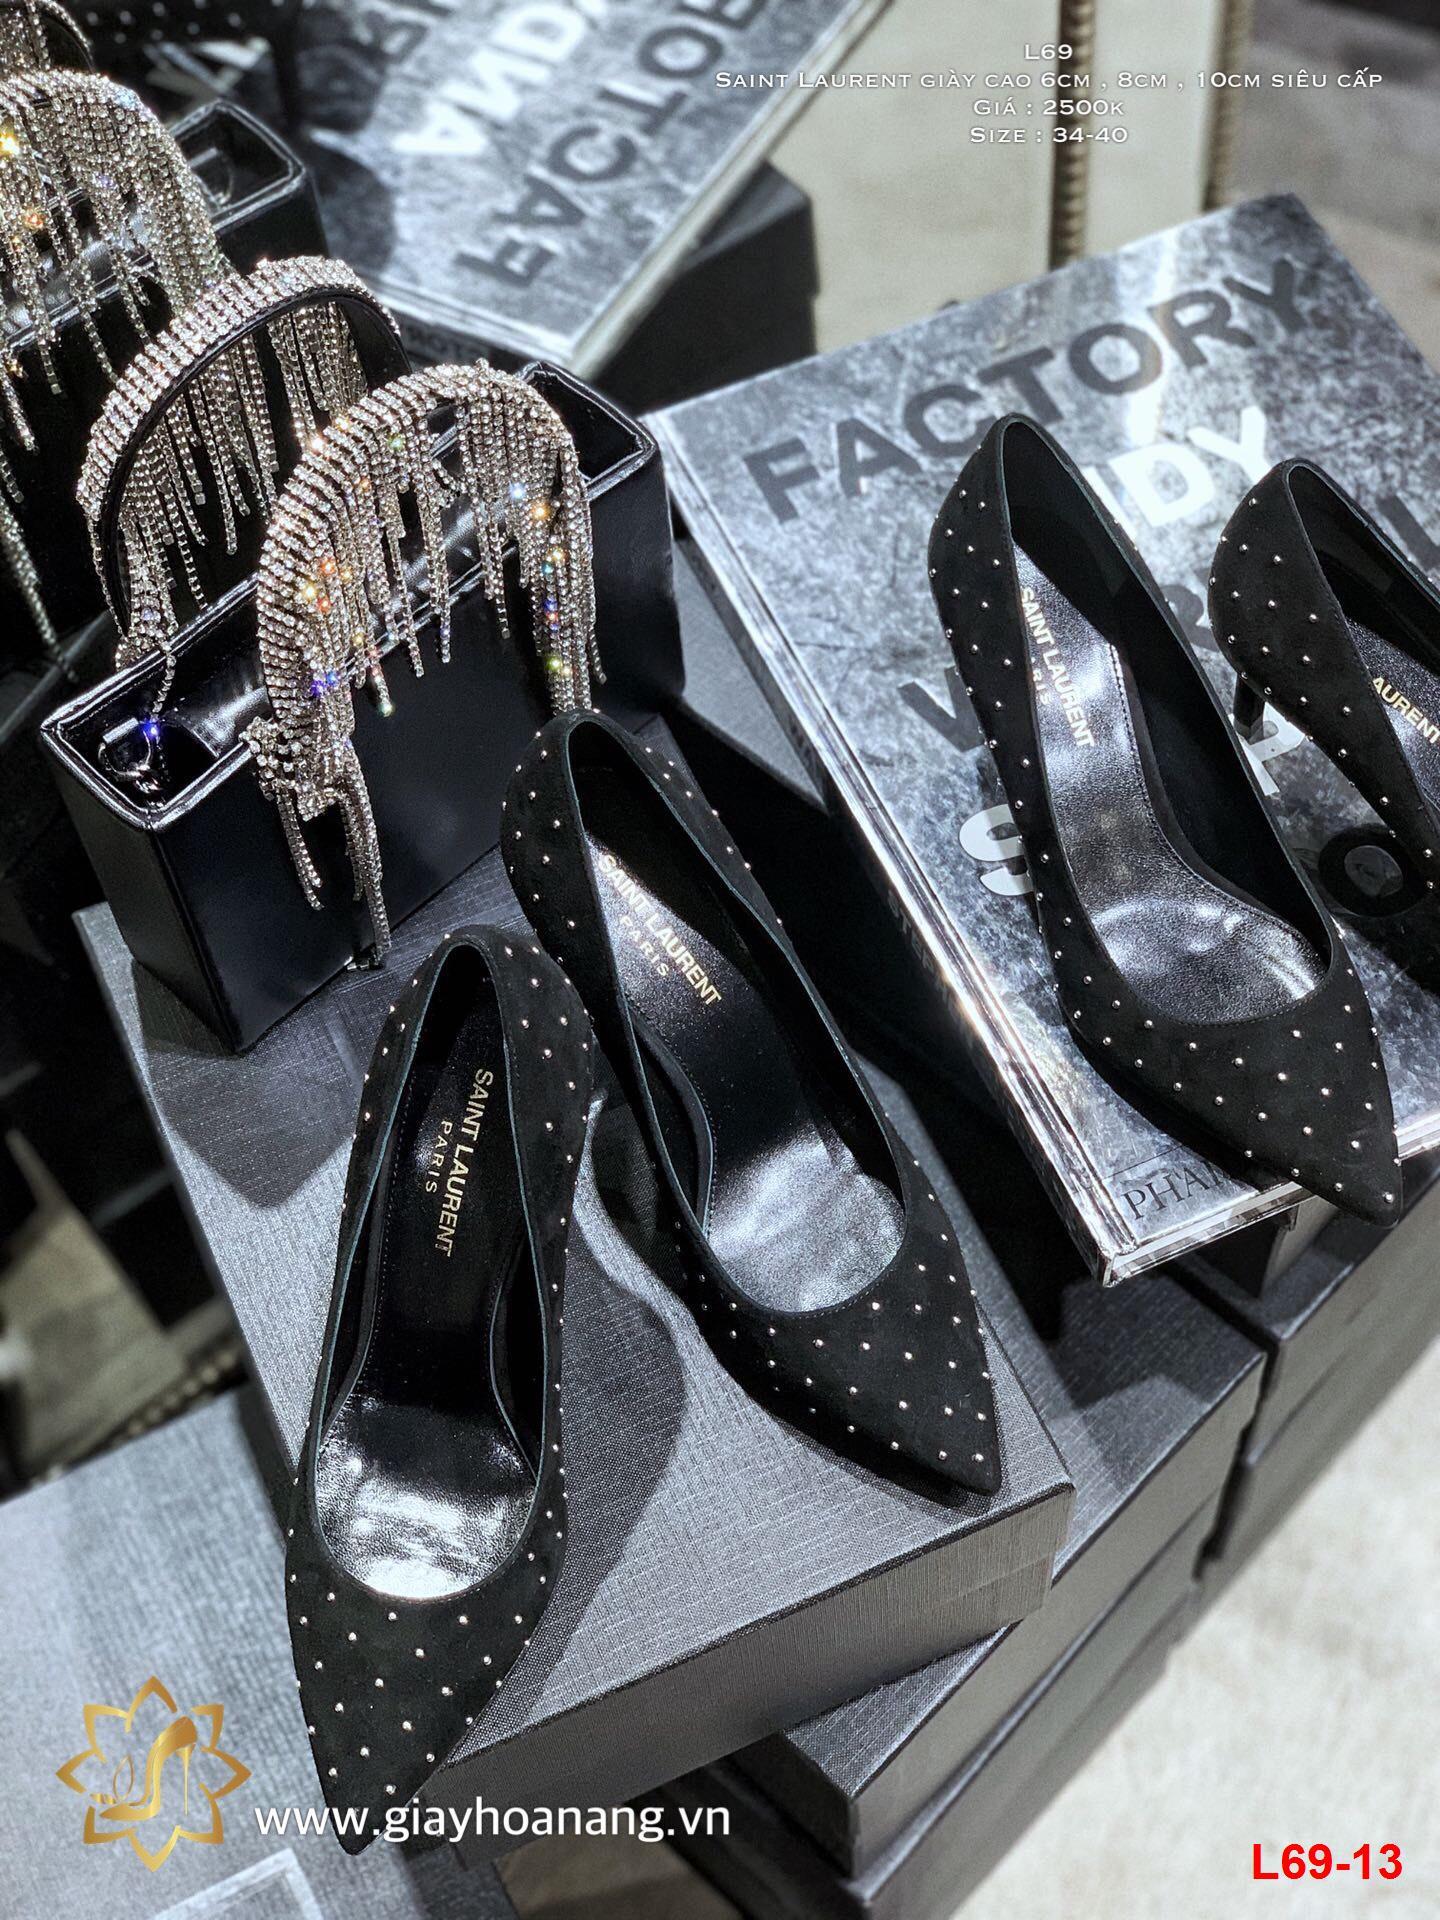 L69-13 Saint Laurent giày cao 6cm , 8cm , 10cm siêu cấp